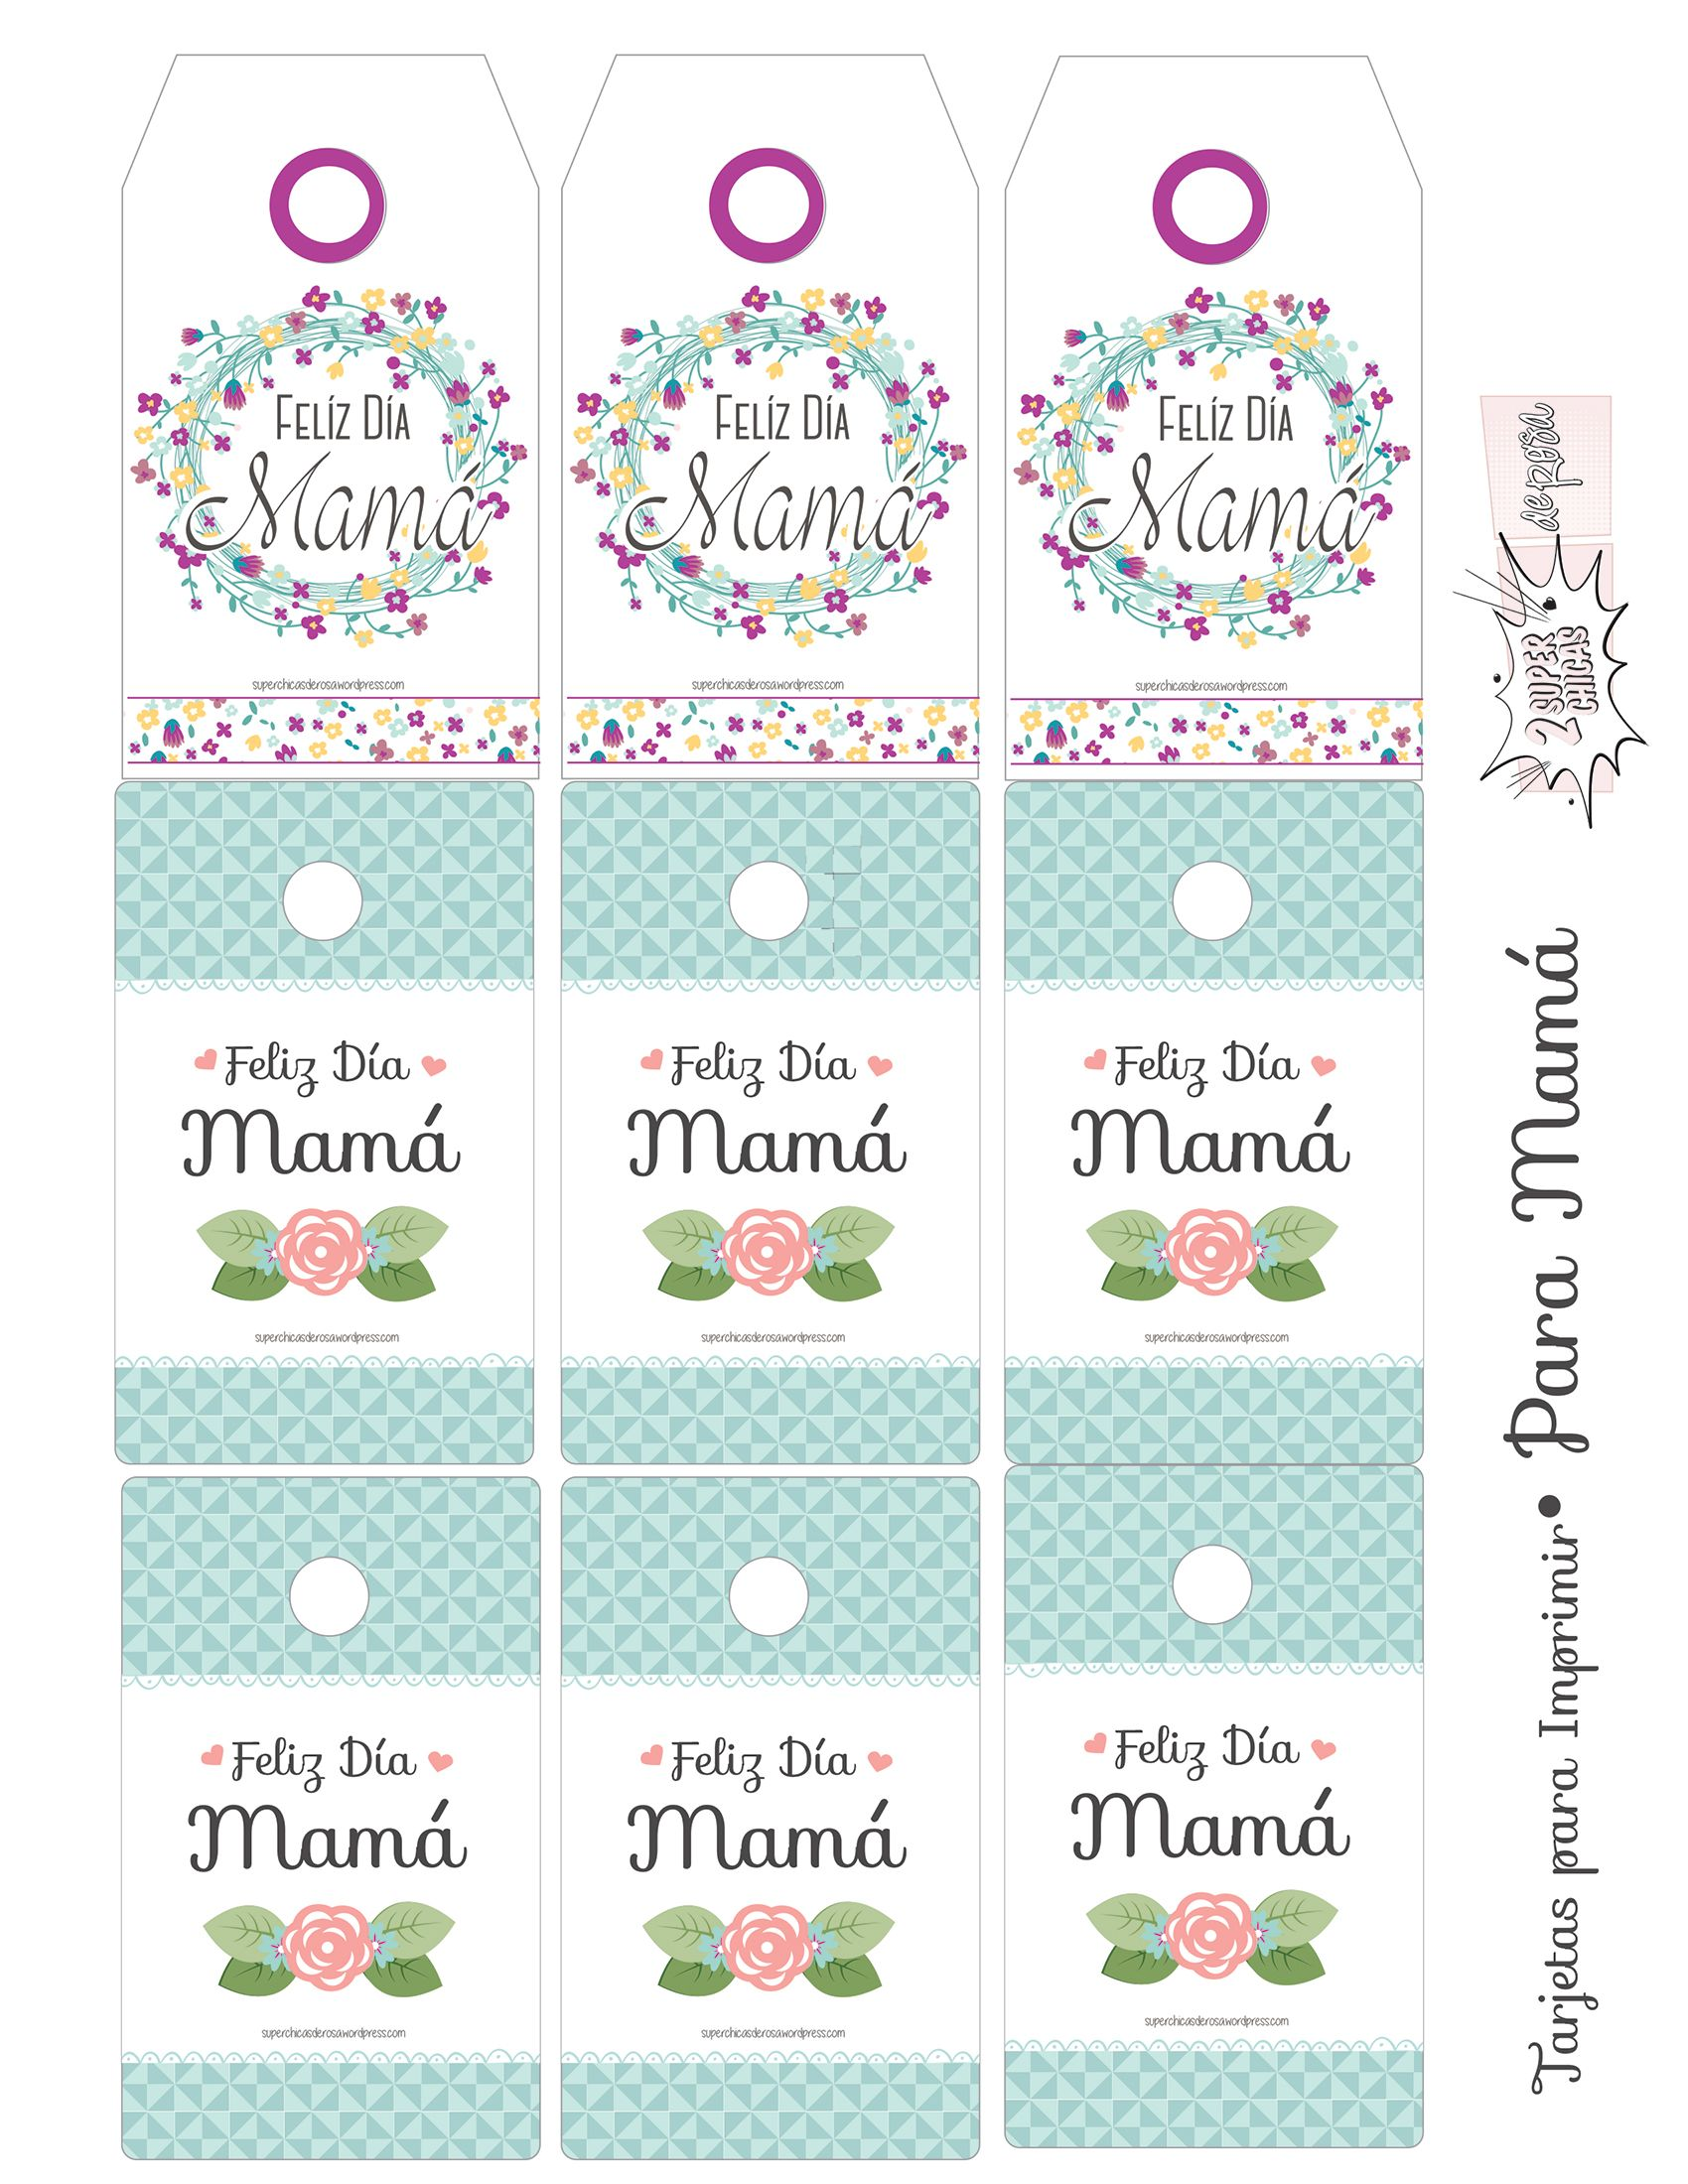 Tarjetas para Imprimir Día de las Madres Imrpimibles Pinterest Scrap, Scrapbook and